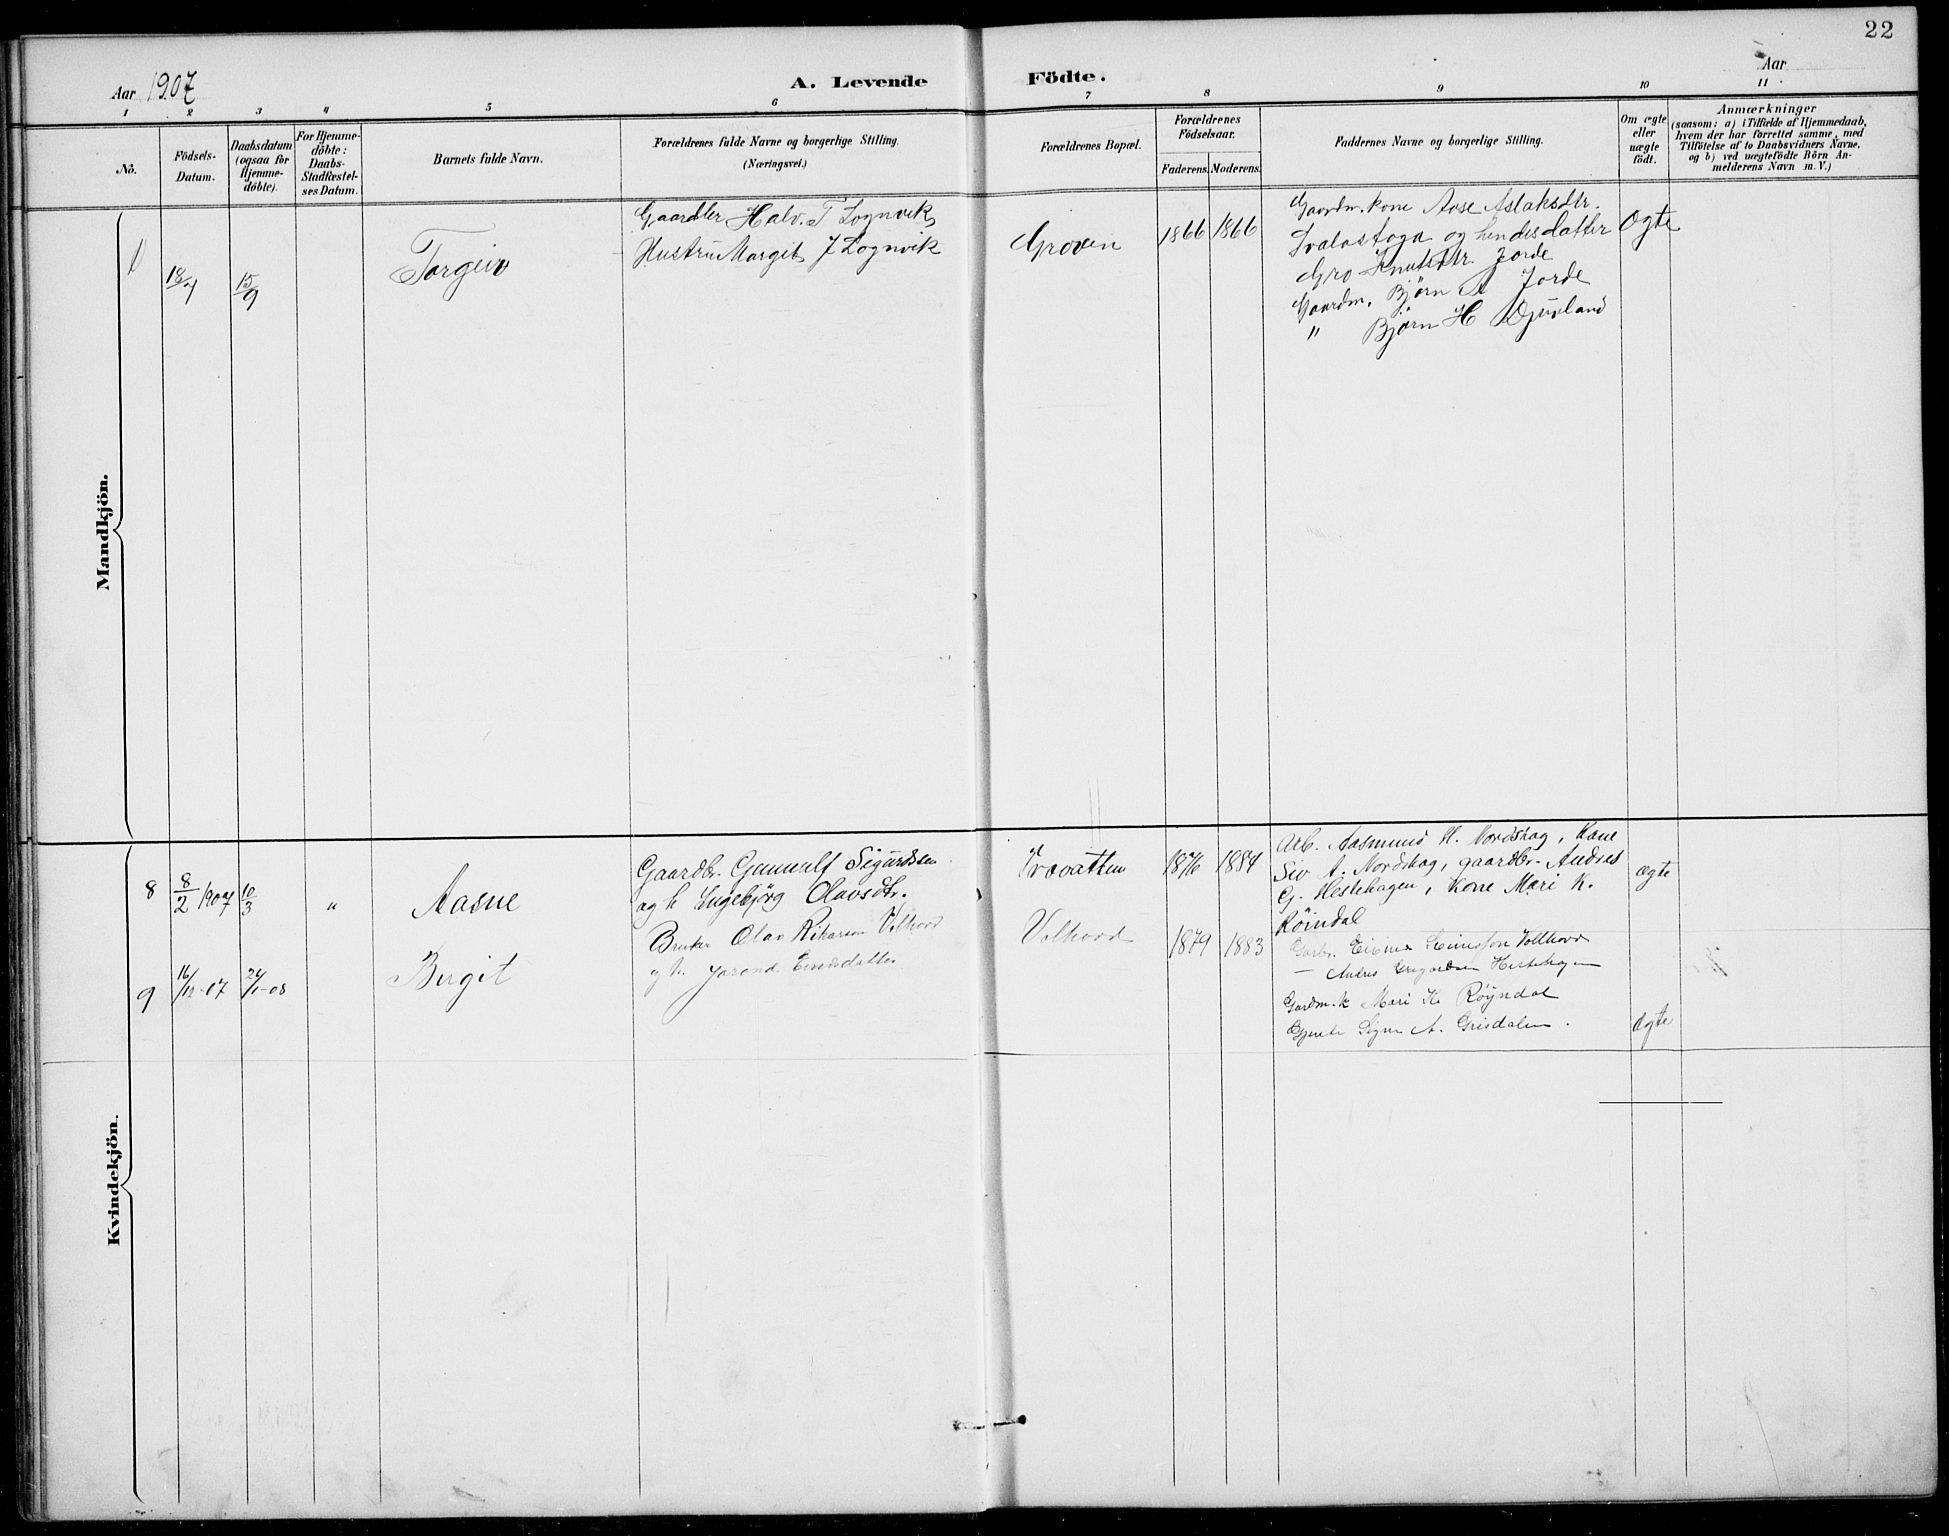 SAKO, Rauland kirkebøker, G/Gb/L0002: Klokkerbok nr. II 2, 1887-1937, s. 22